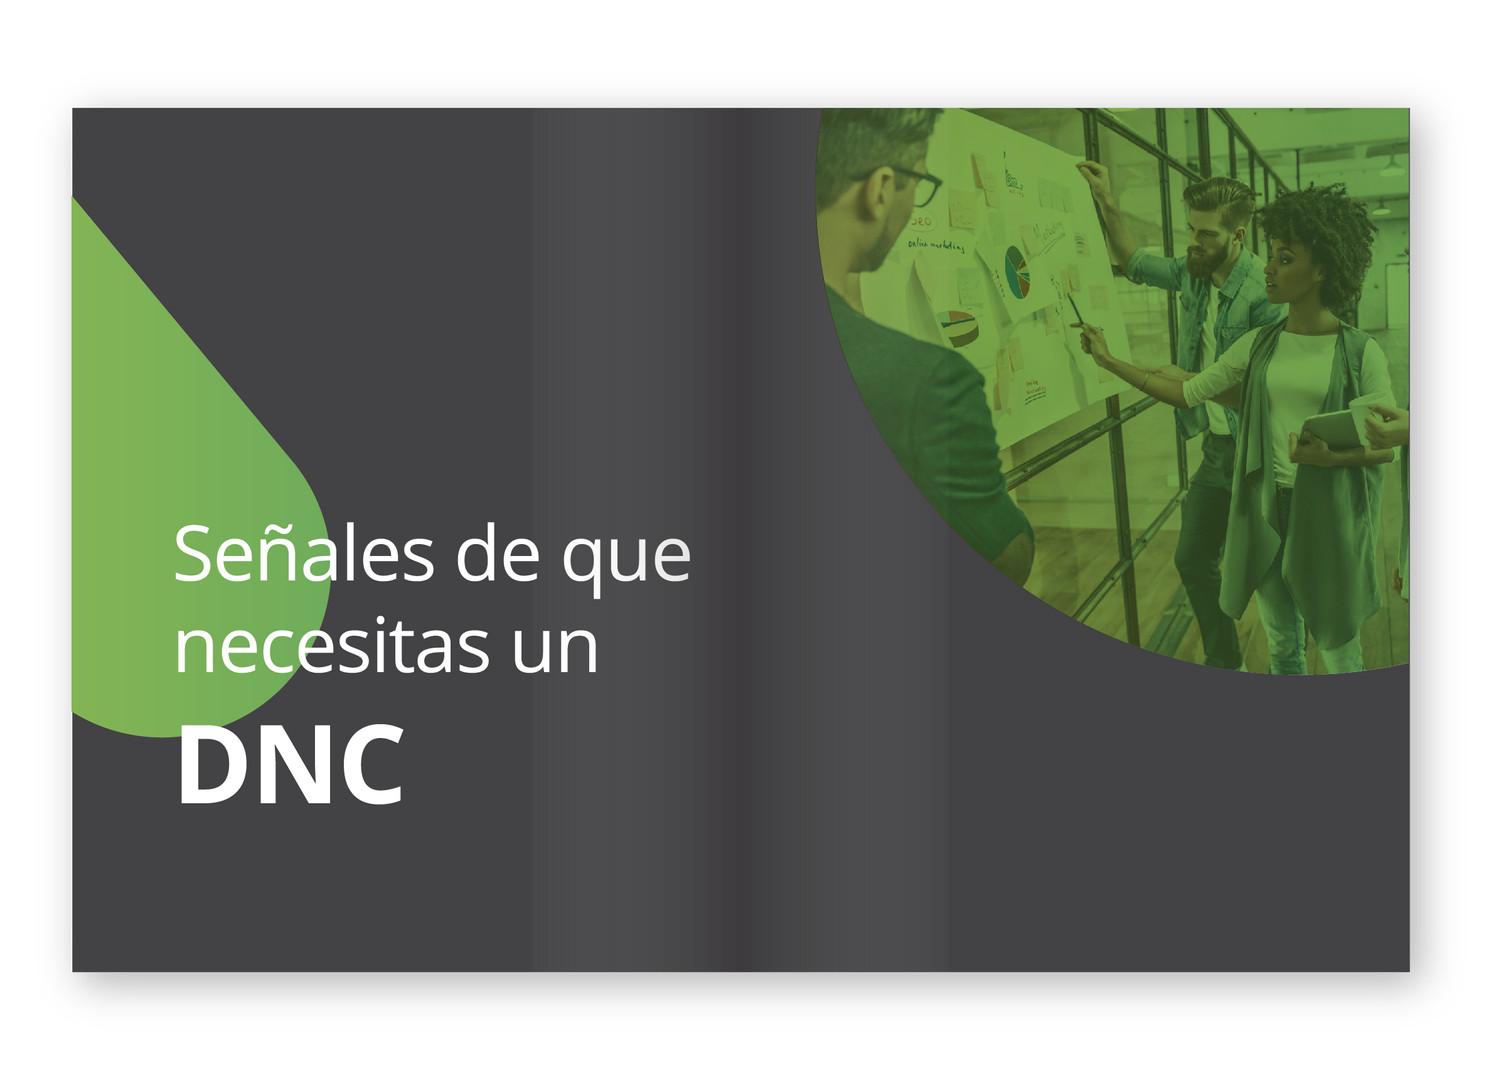 Señales_de_que_necesitas_un_DNC_en_2020.